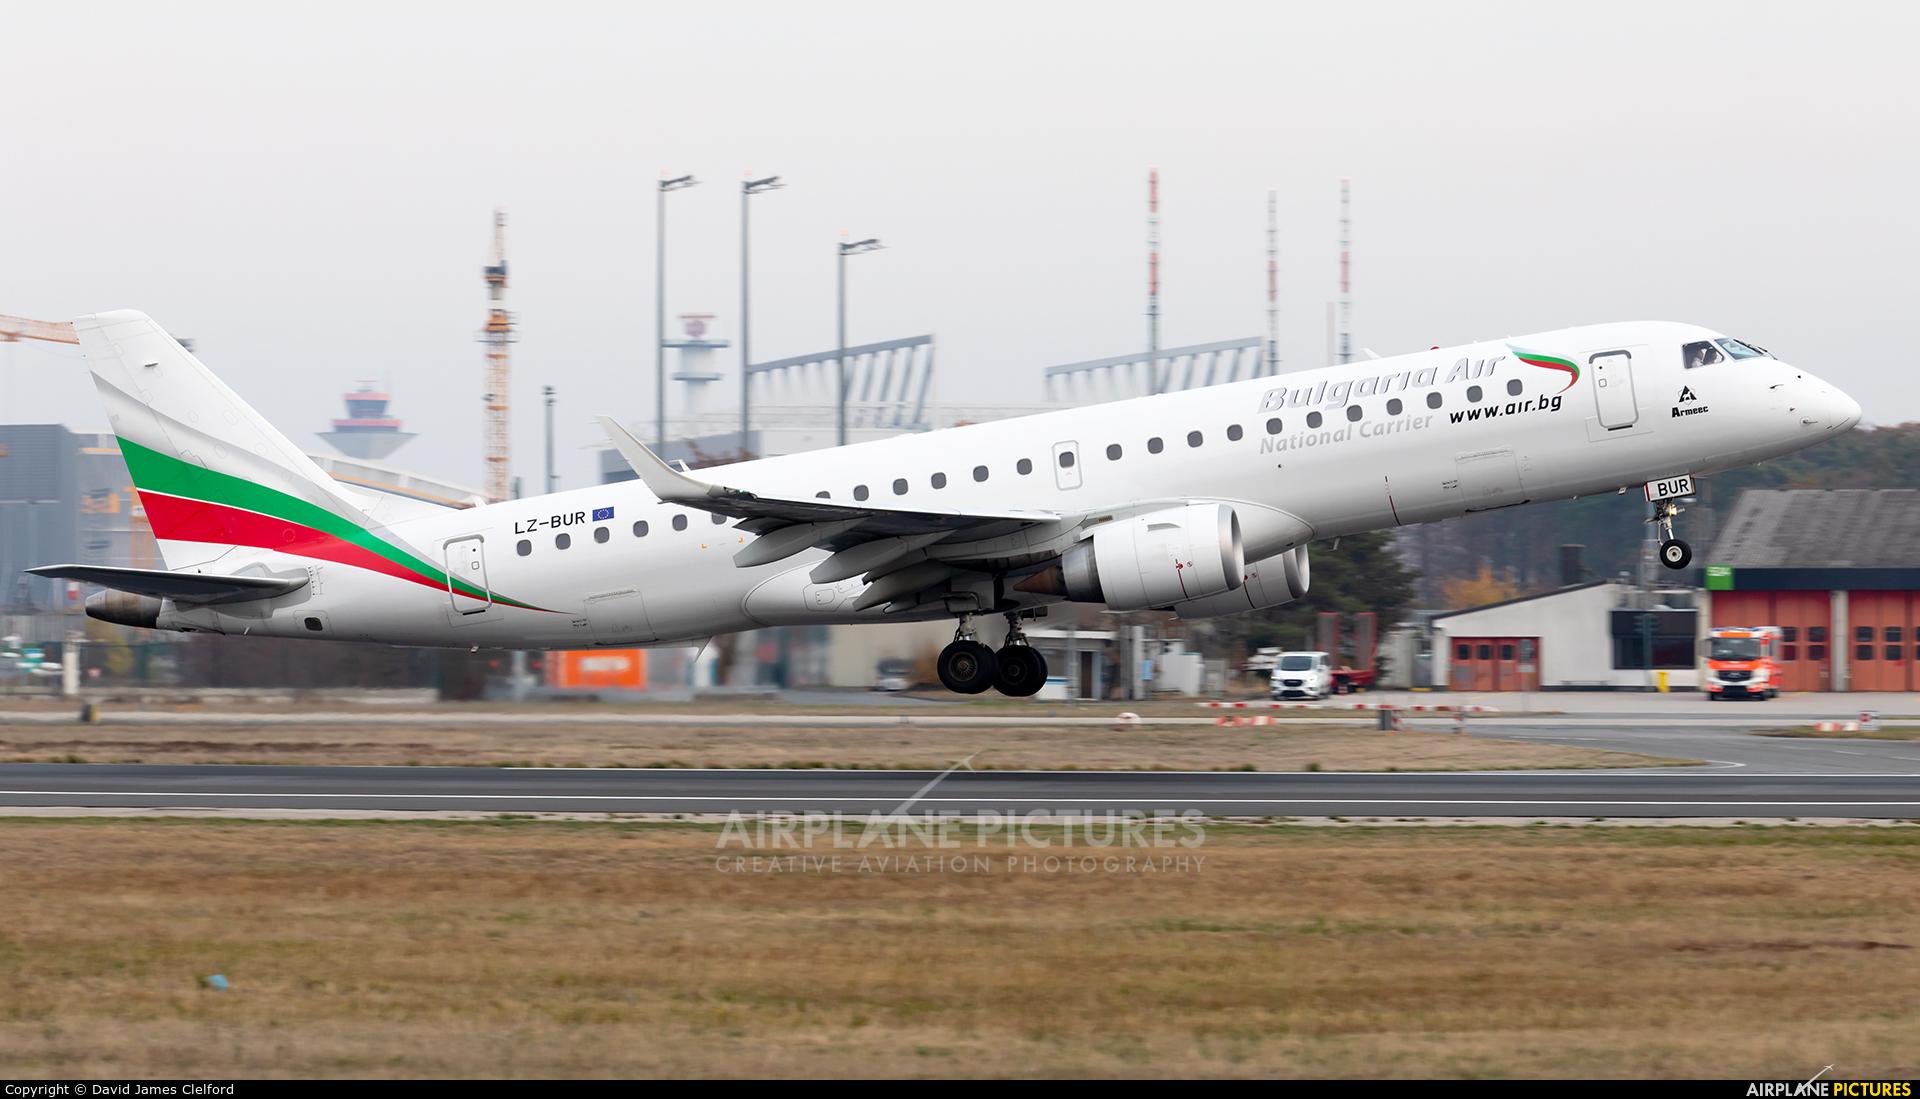 Bulgaria Air LZ-BUR aircraft at Frankfurt